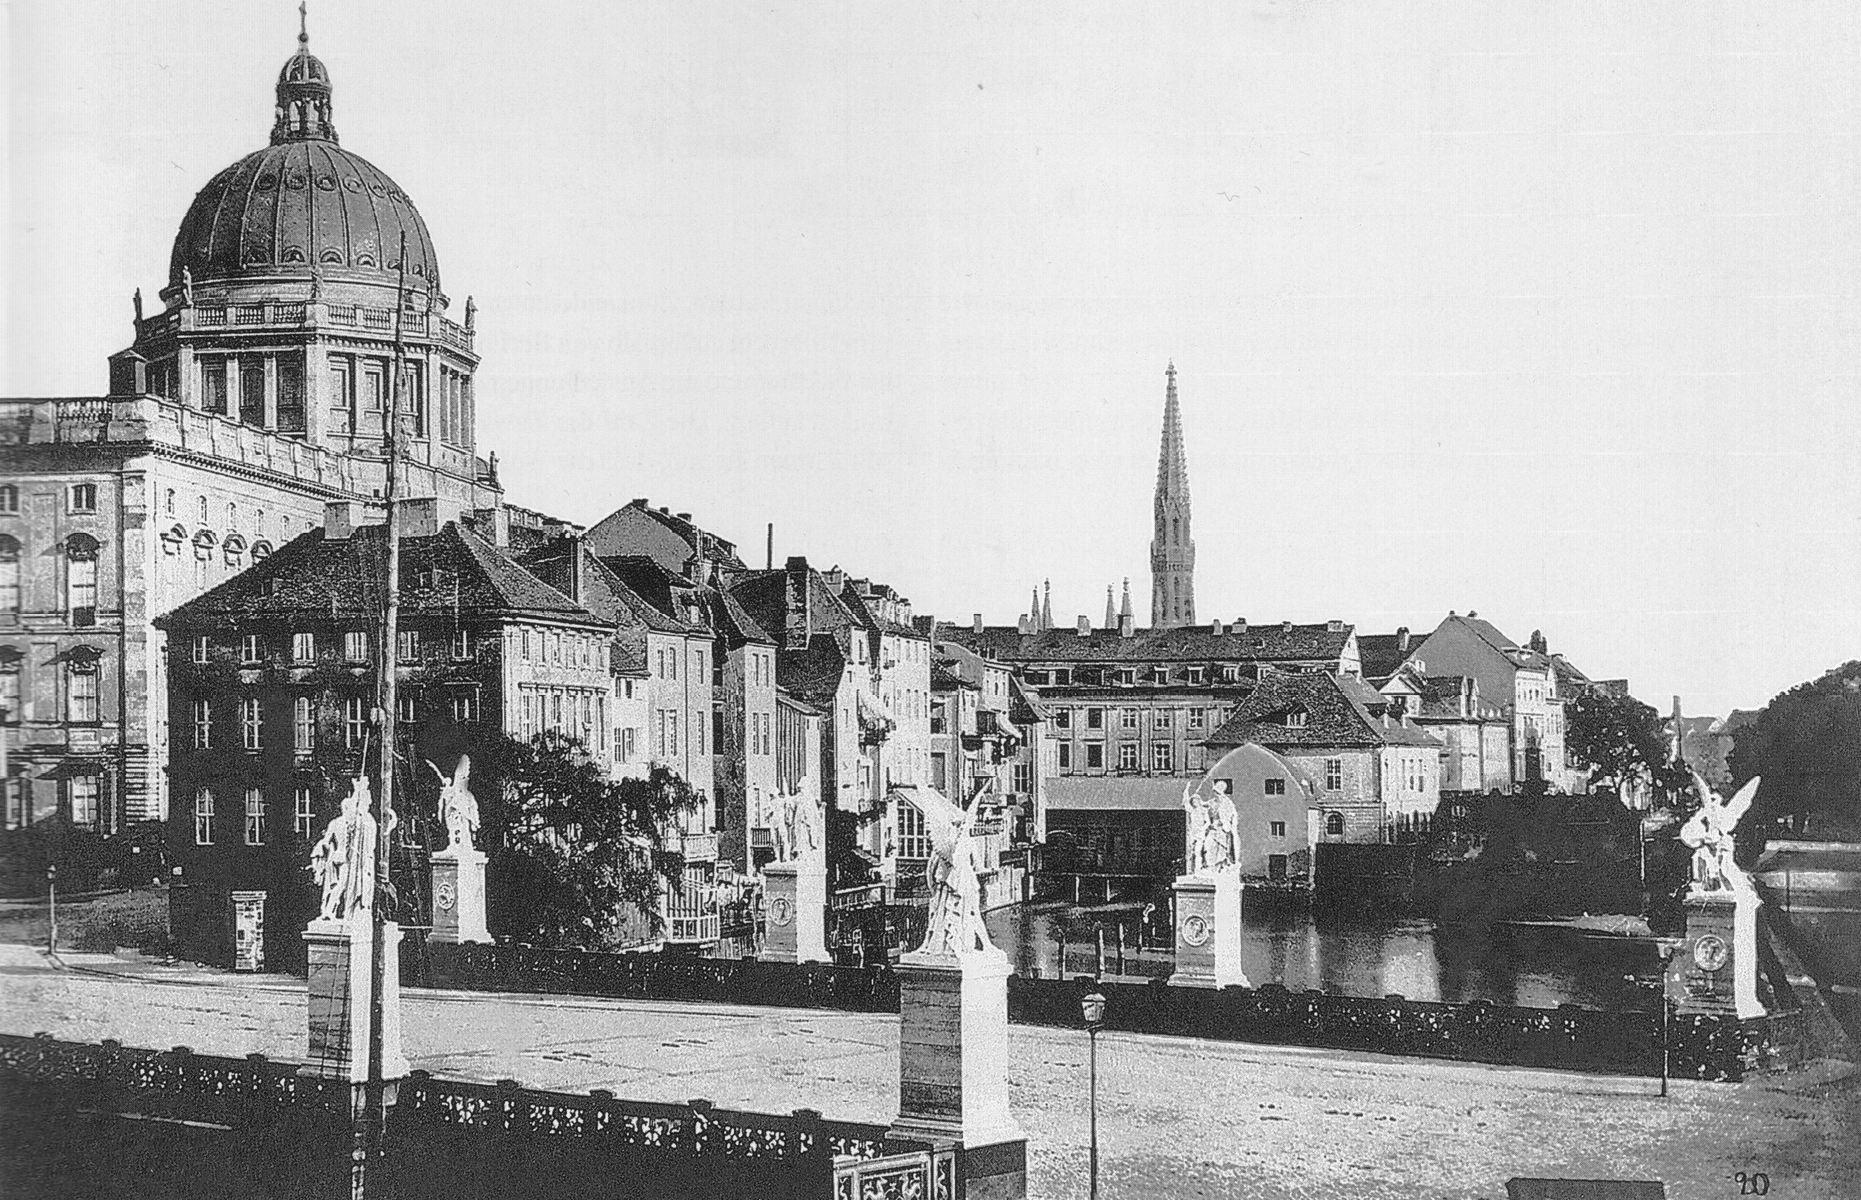 Berlin,_Schloss,_Schlossfreiheit_und_Schlossbruecke,_Foto_von_Albert_Schwartz,_1860.jpg